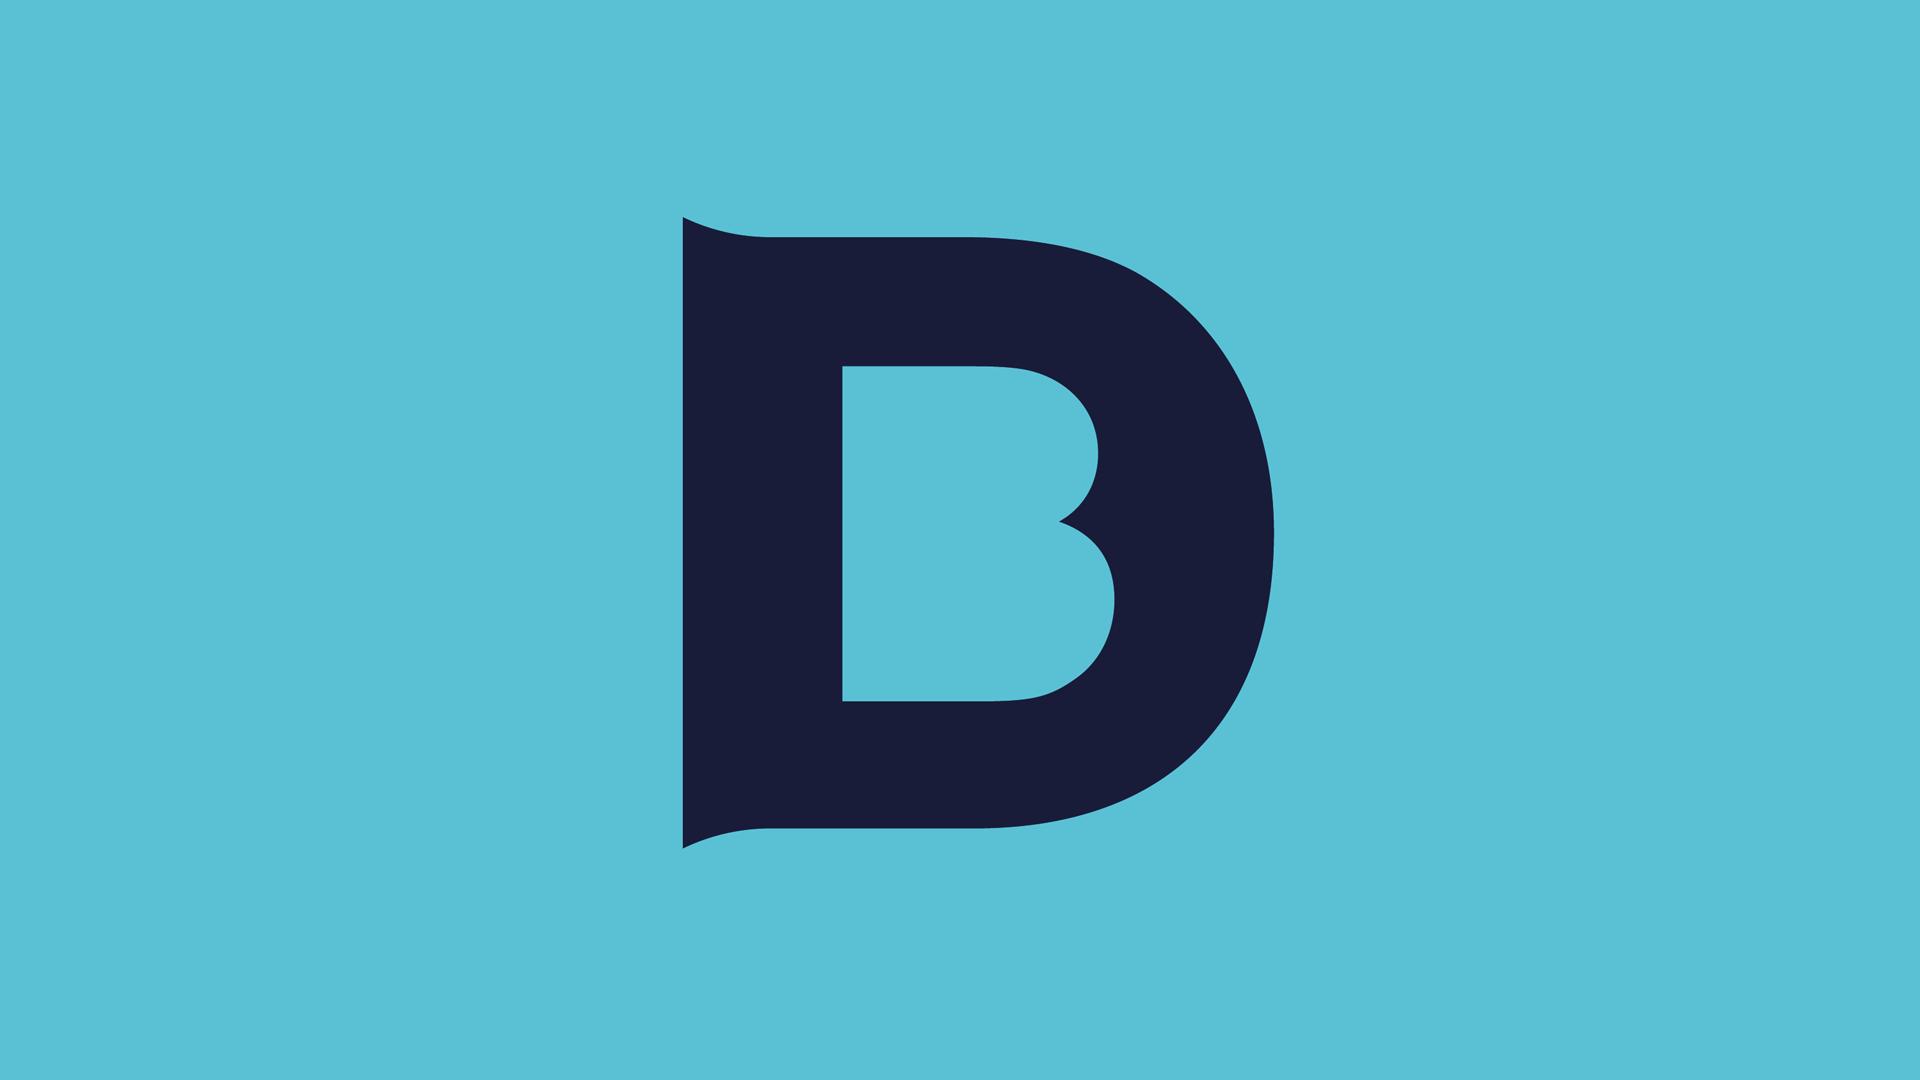 db-blue-logo.png